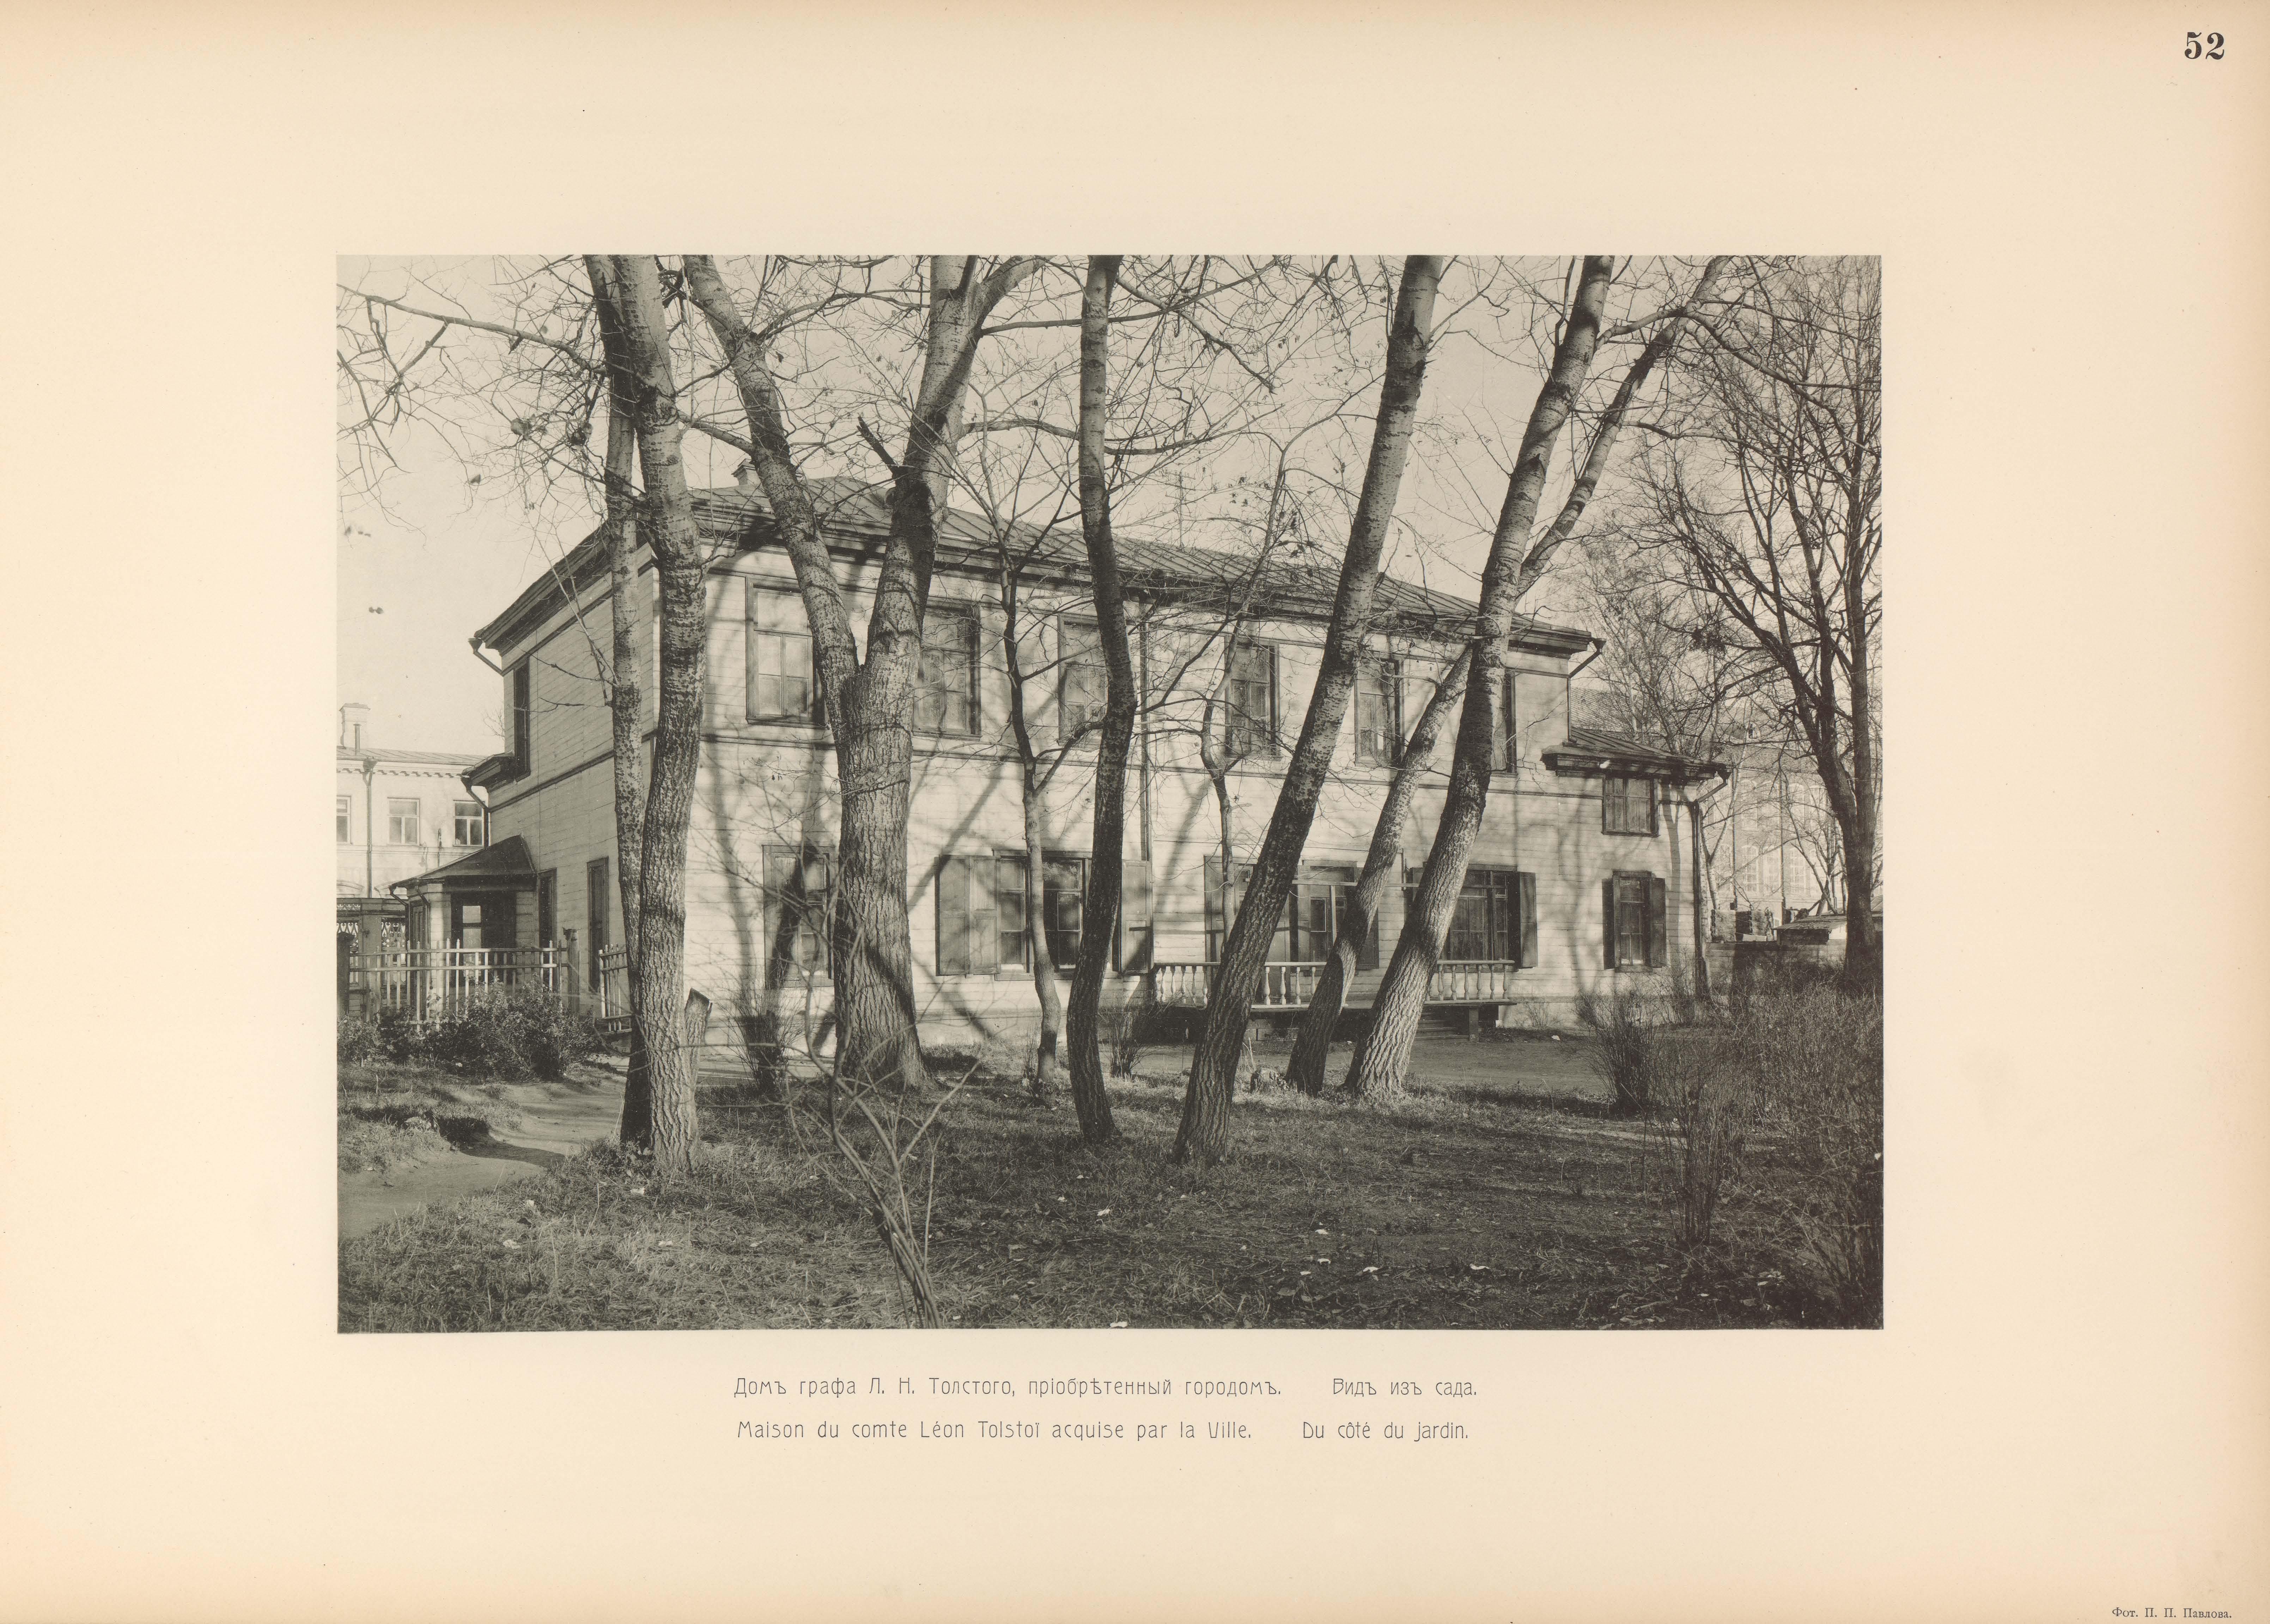 Домъ графа Л. Н. Толстого, прiобрътенный городомъ. Видъ изъ сада.